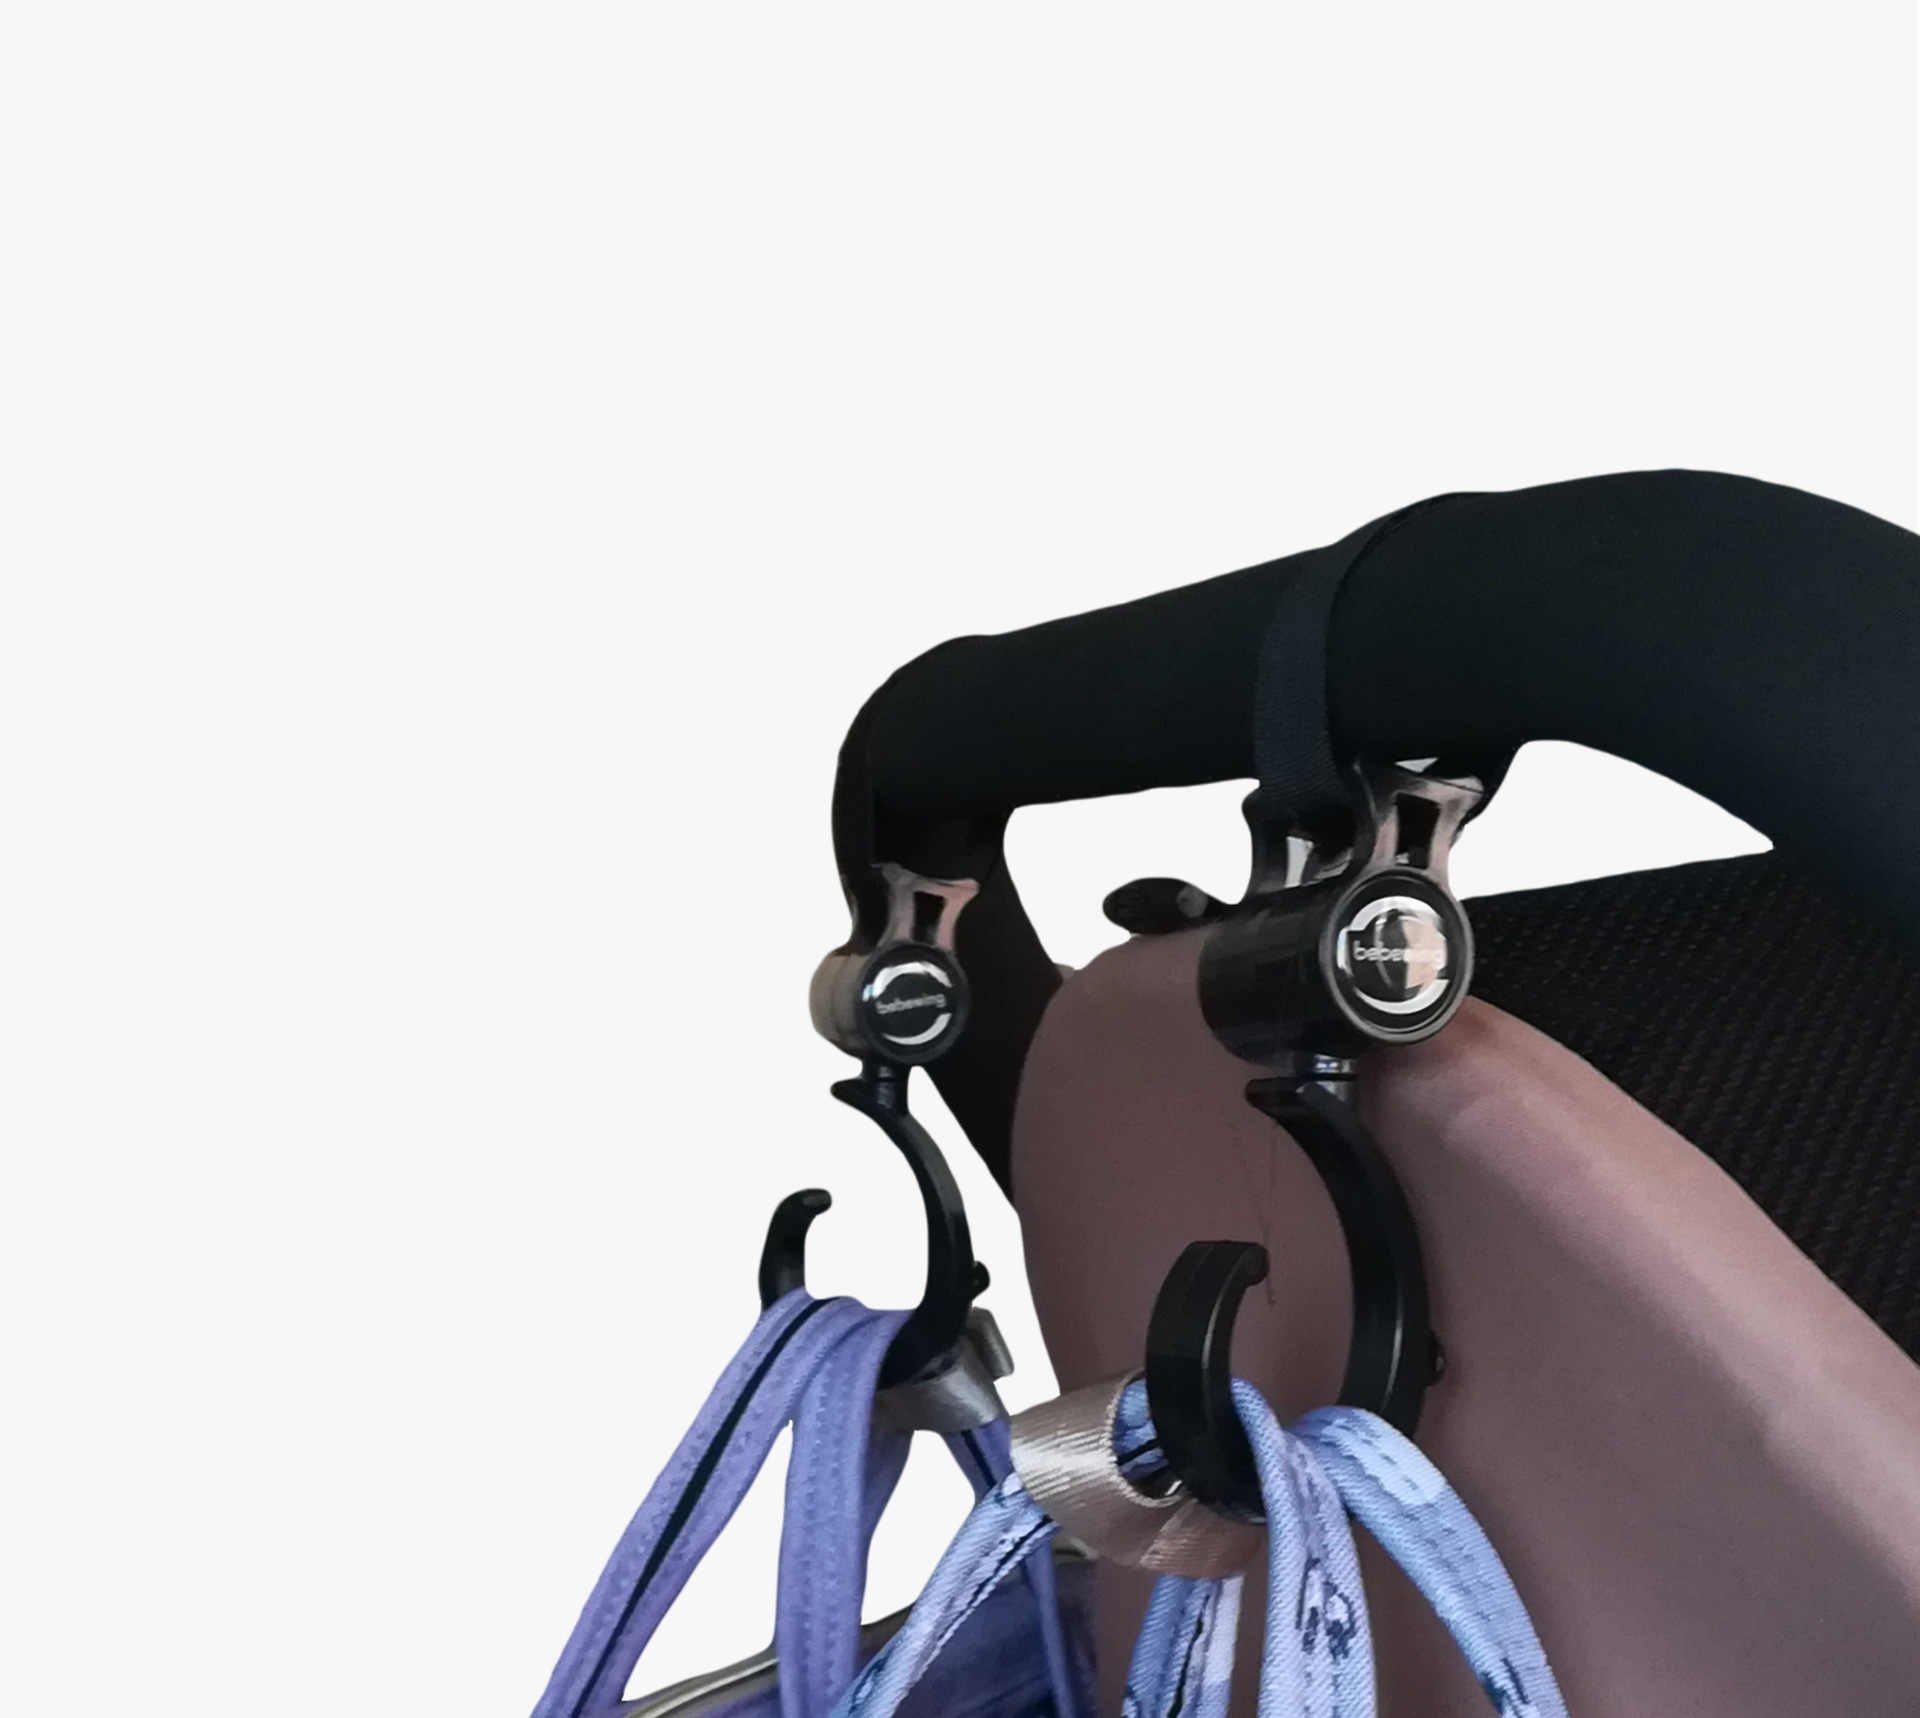 Gancho del Cochecito de bebé bolsa de mamá correa para pañales de bebé bolso con gancho cochecito silla de bebé accesorios cochecito infantil organizador bolsa de pañales gancho